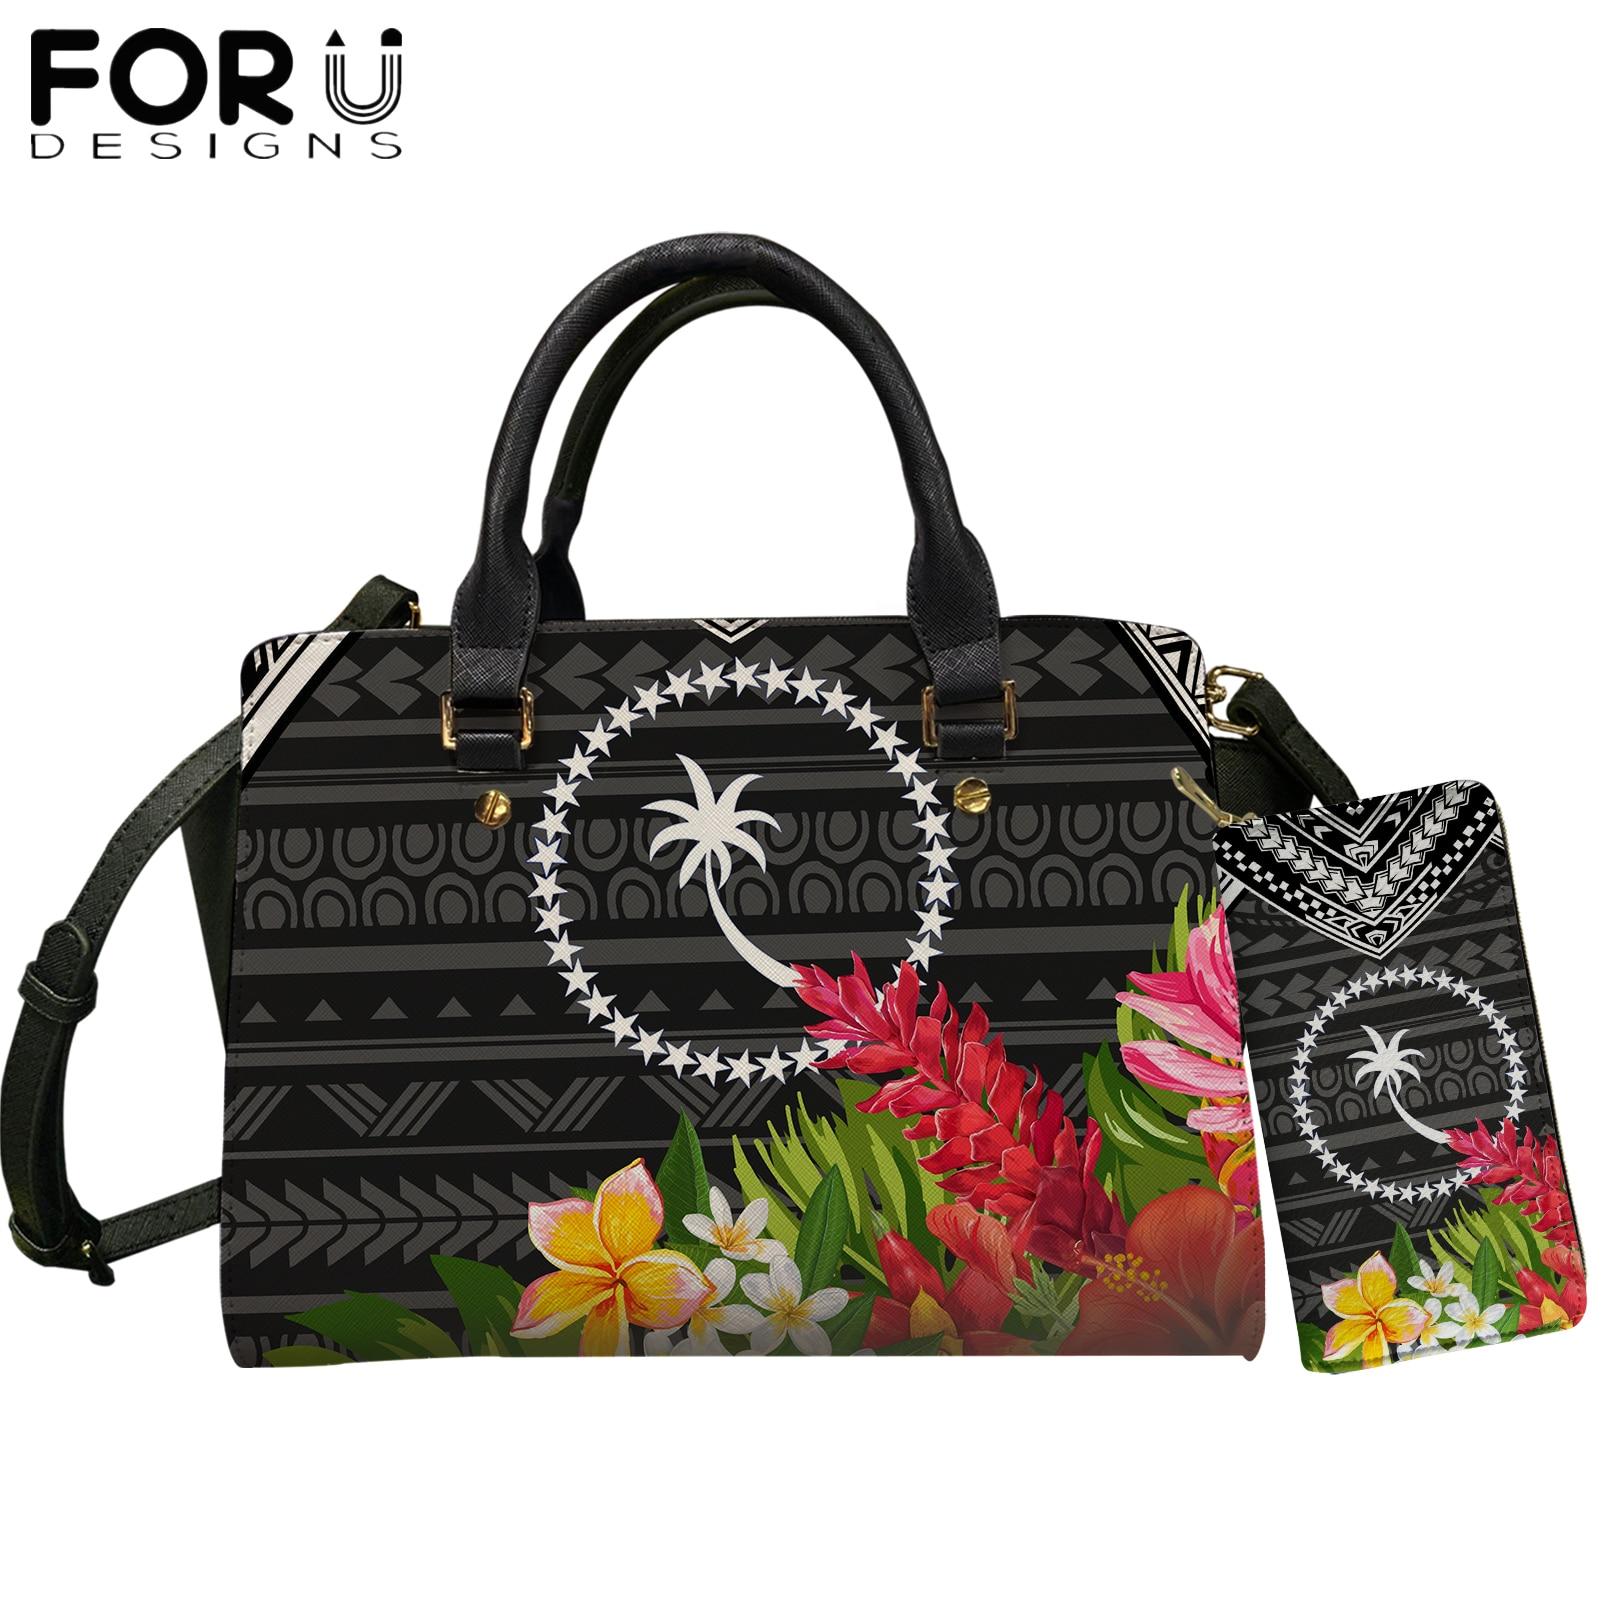 Bolsas de Design de Marca de Luxo para as Mulheres Bolsa de Ombro Forudesigns Chuuk Polinésia Tribal Padrão Casual Couro Mochila & Bolsa Conjunto